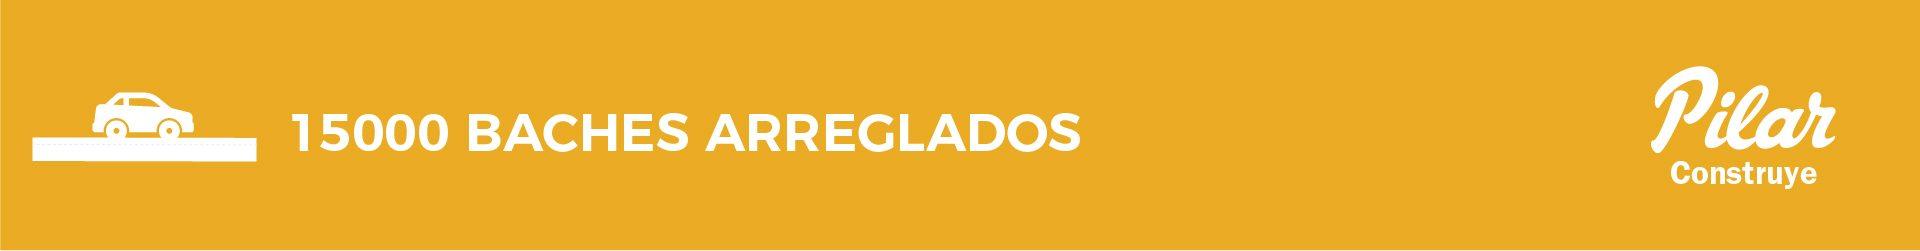 Compromisos_Headers-53